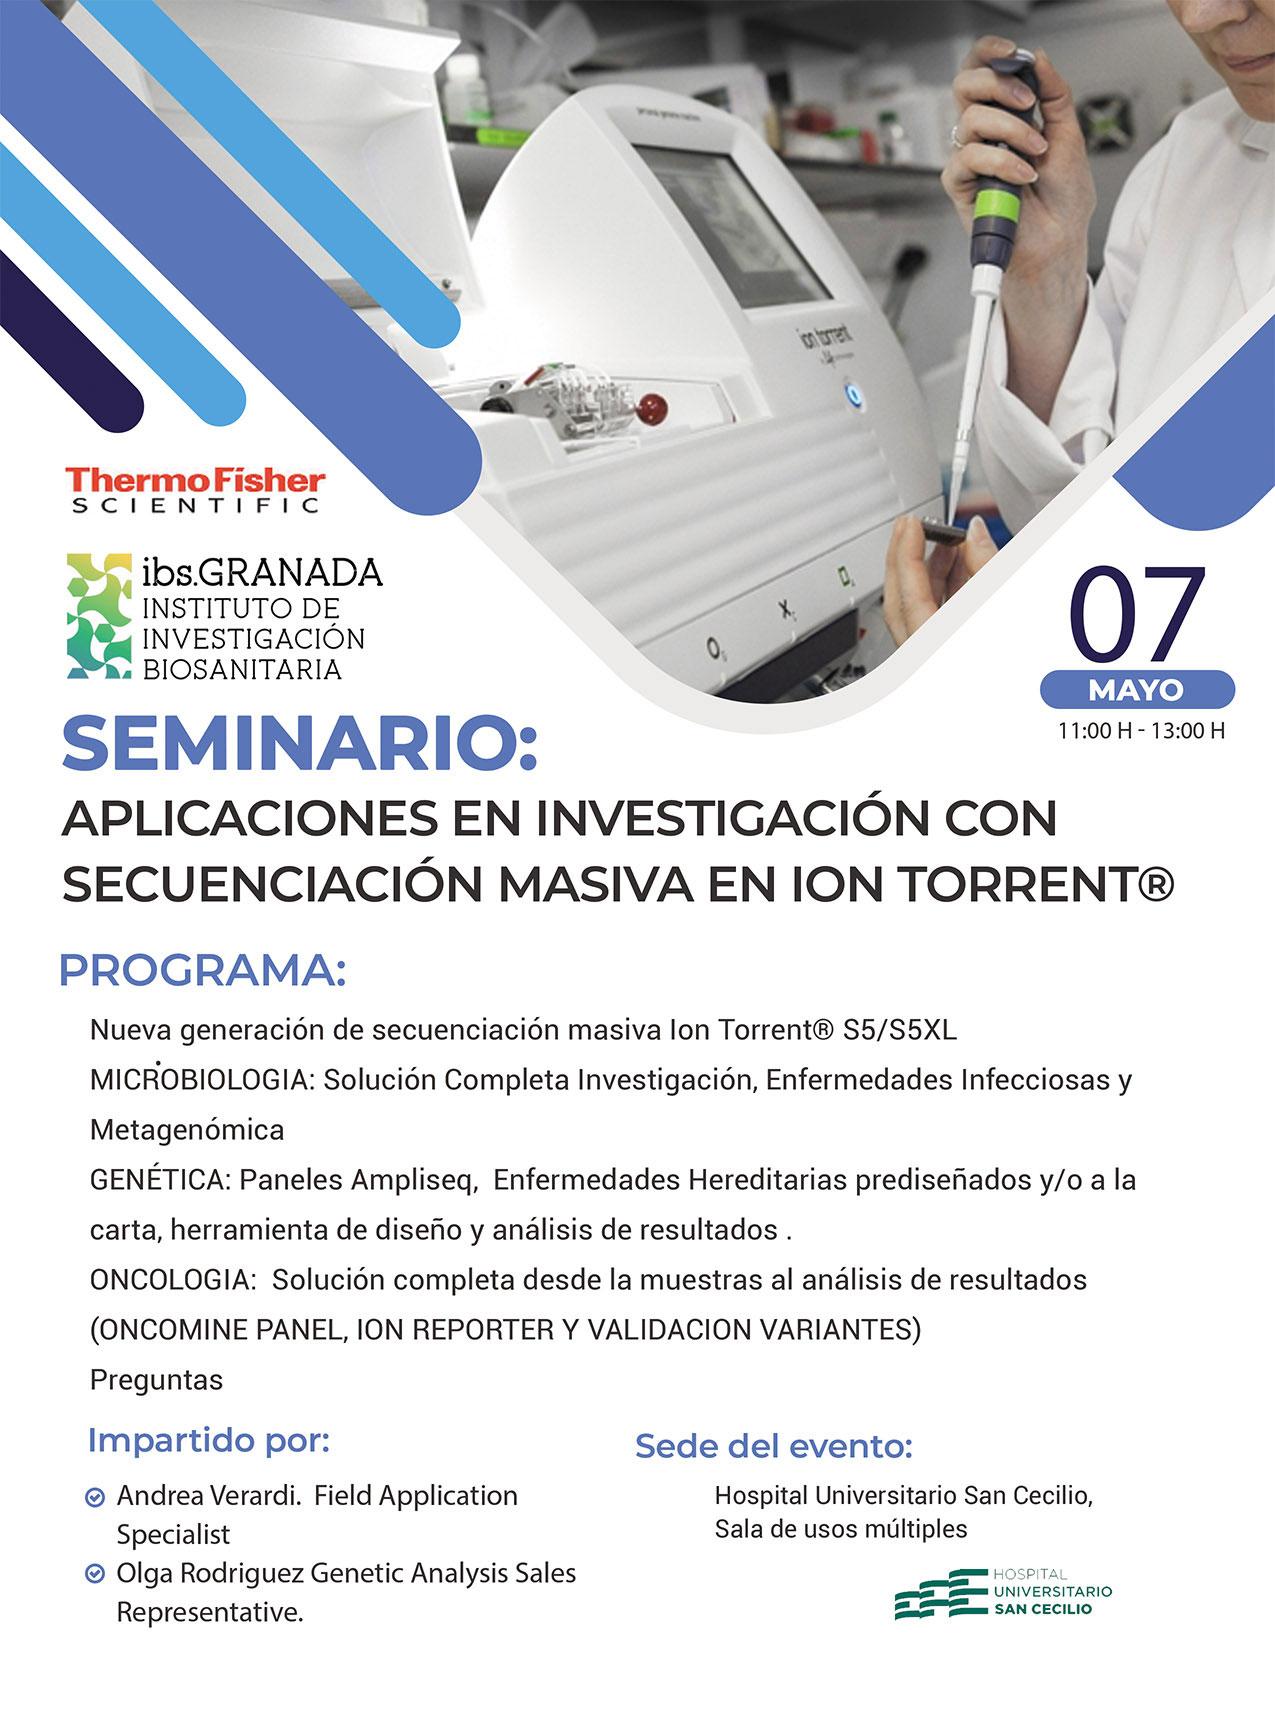 SEMINARIO: Aplicaciones en investigación con Secuenciación masiva en Ion Torrent®